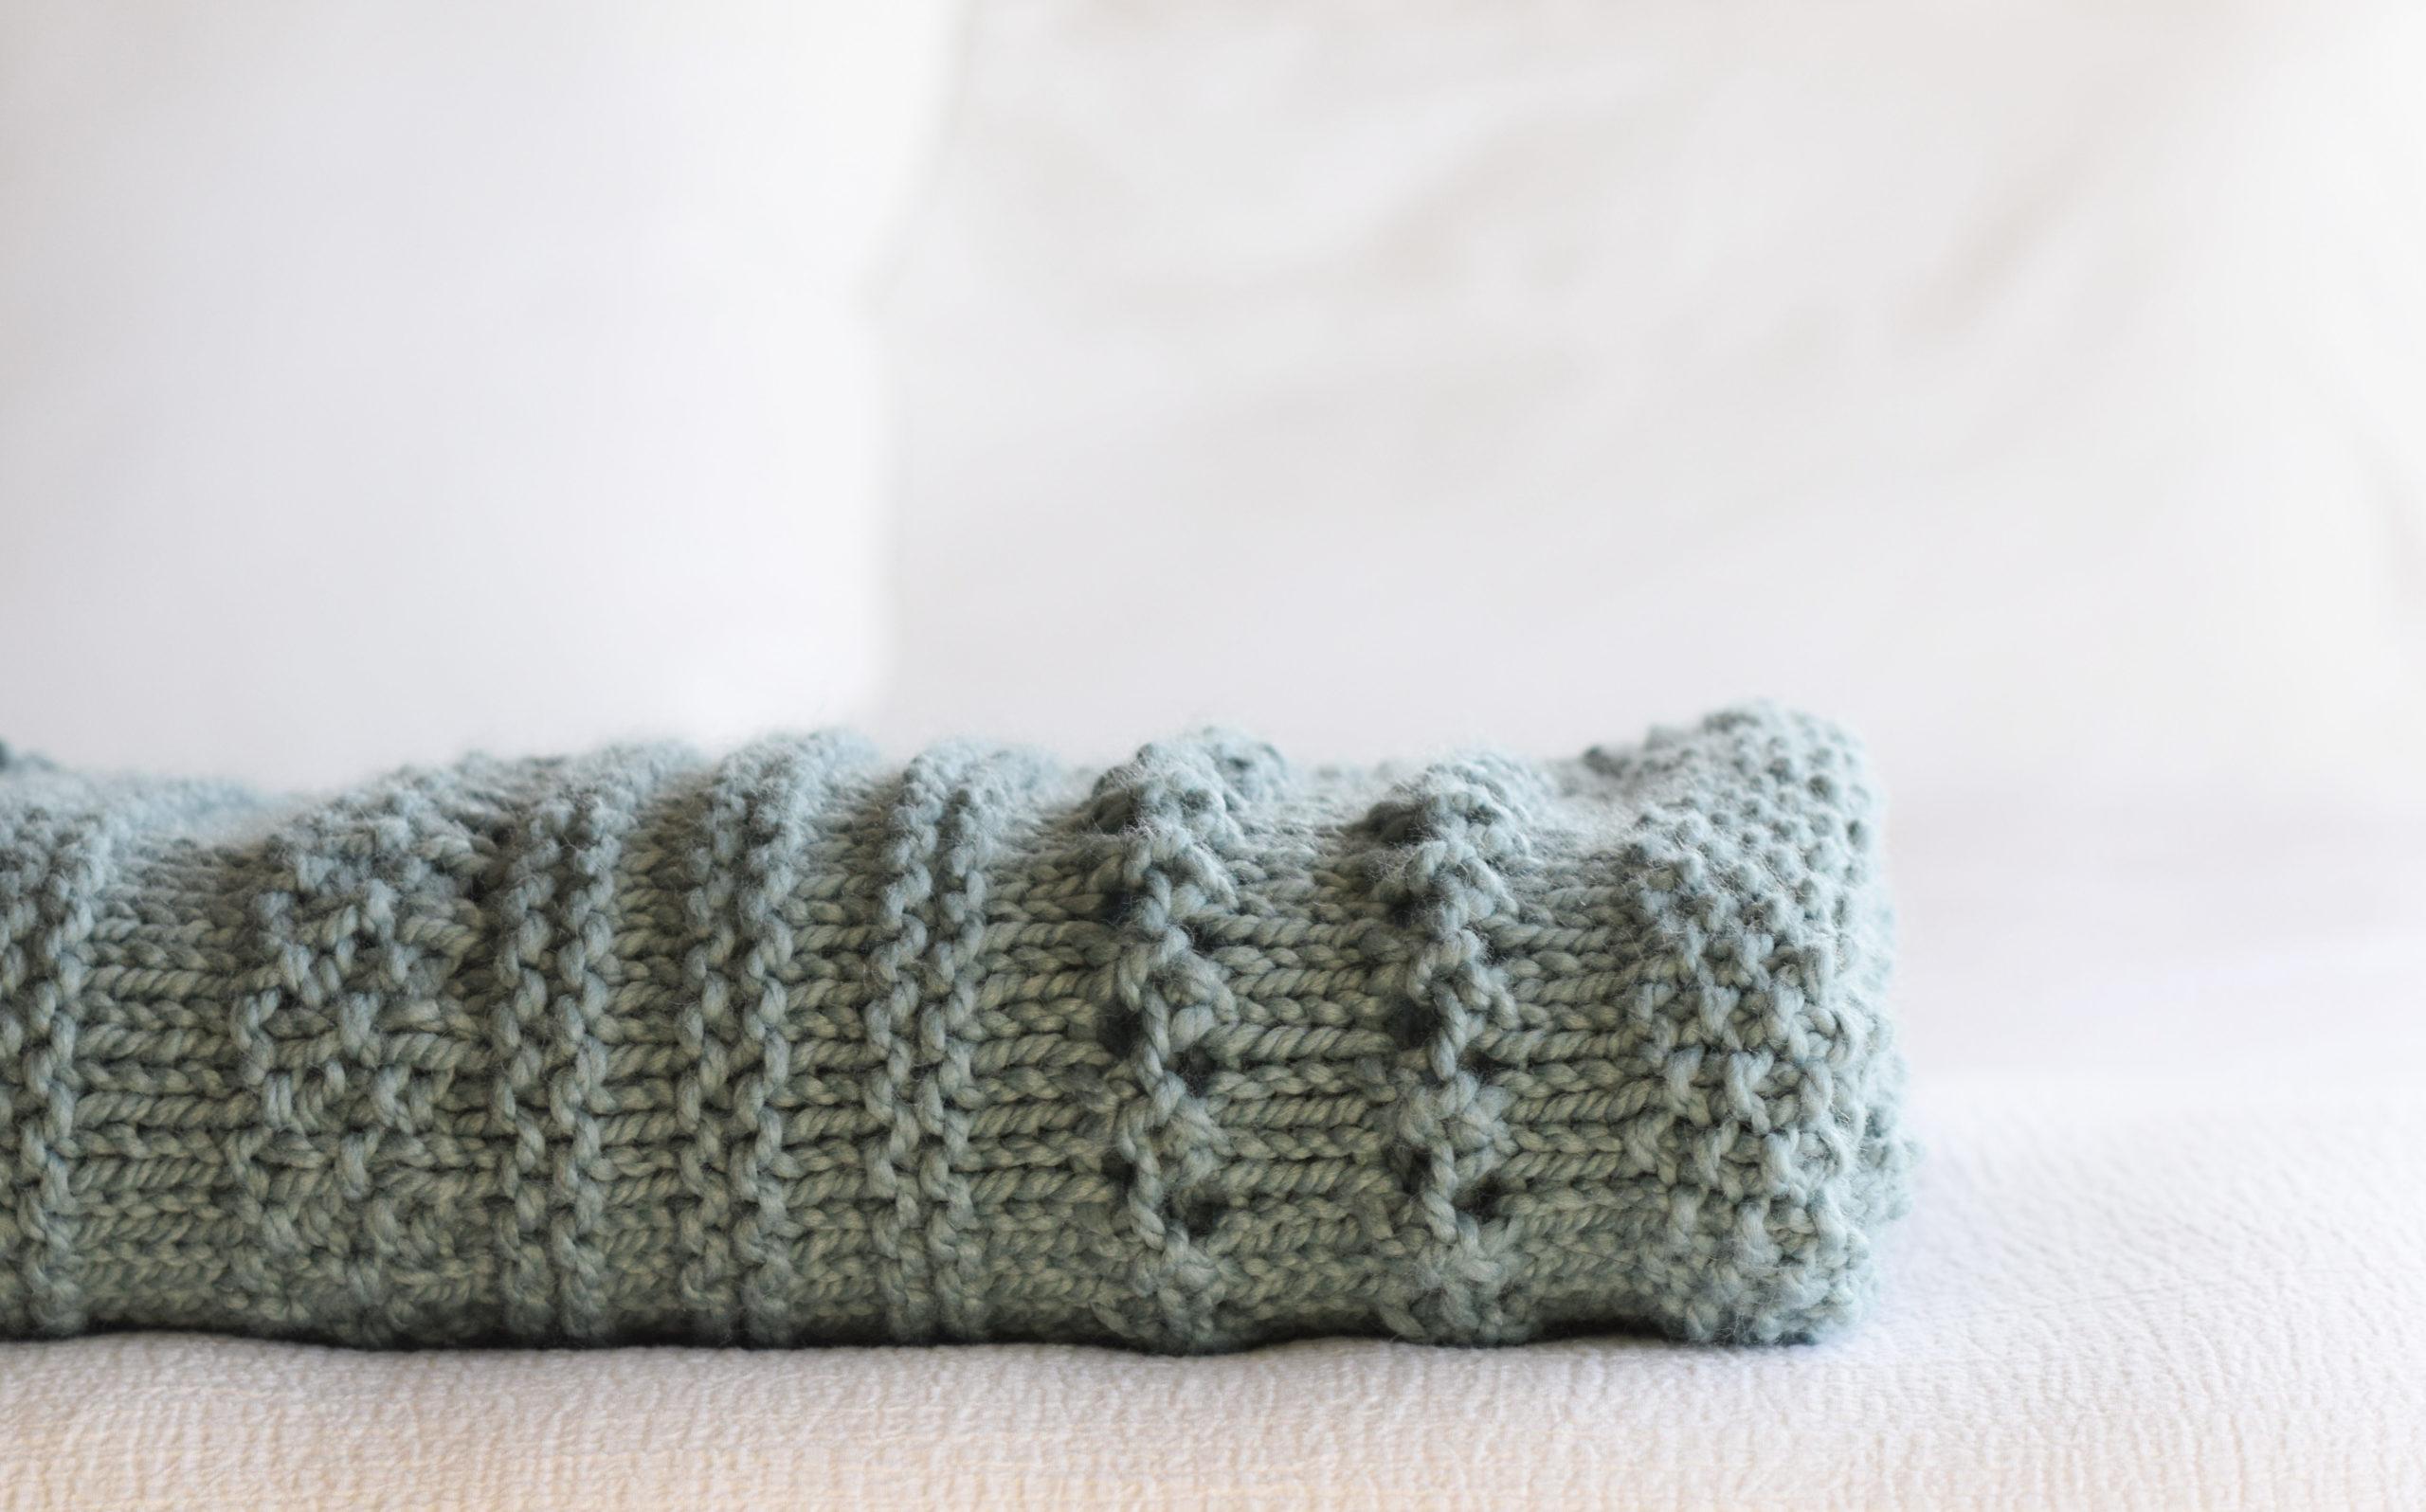 Winter Cuddler Knit Sampler Blanket Pattern 8 scaled